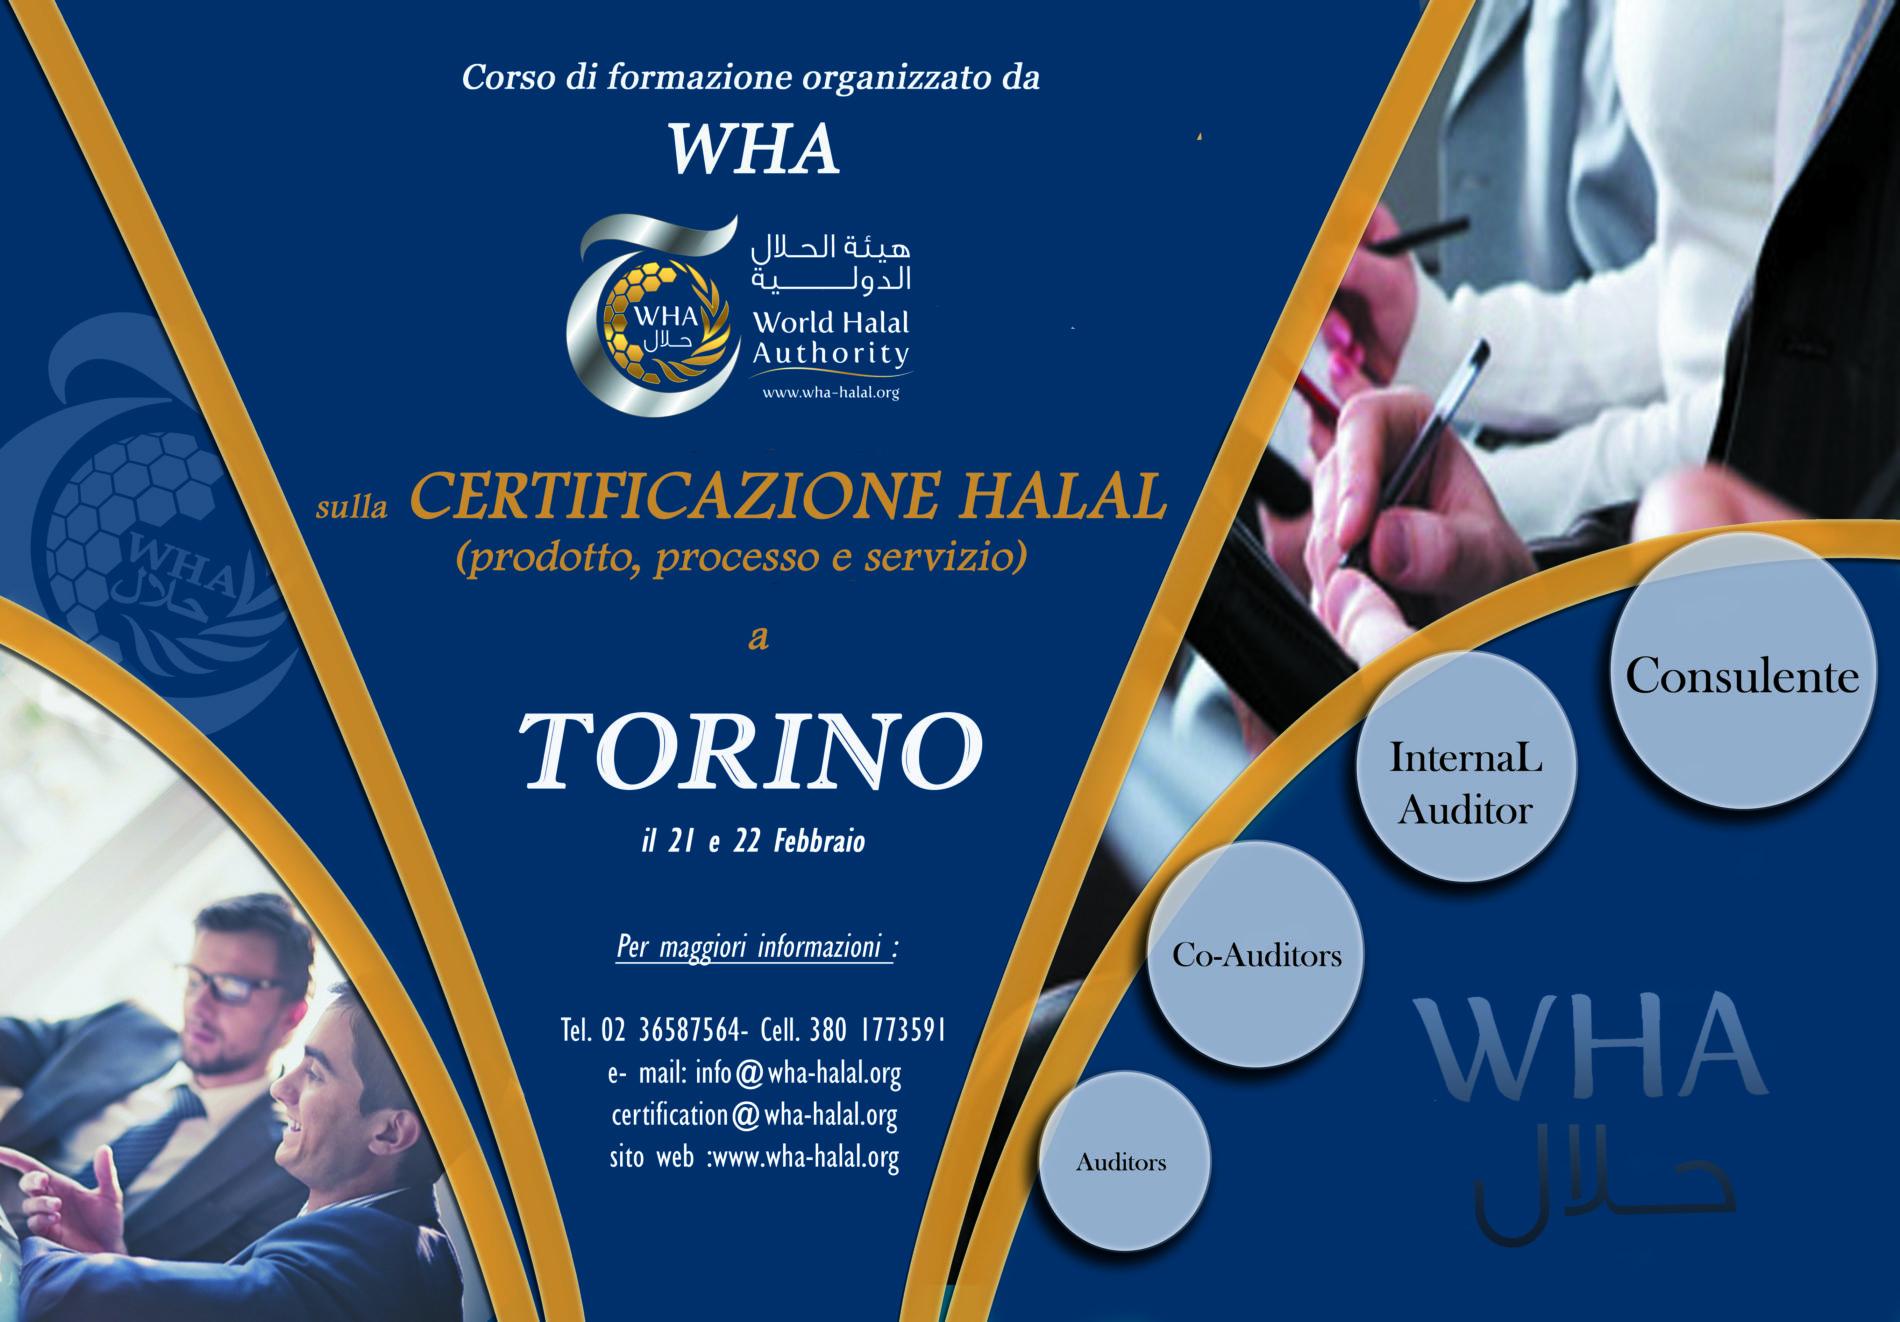 Corso di formazione Wha a Torino